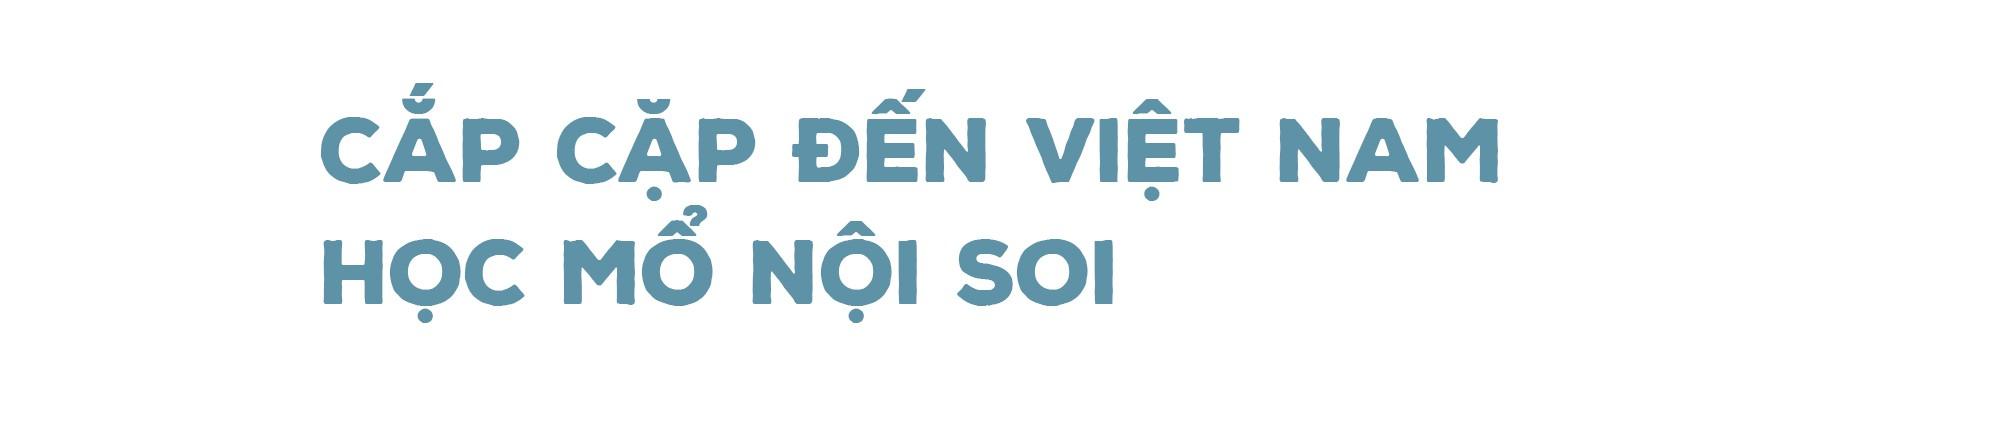 Mổ nội soi - hành trình Việt Nam vươn lên hàng đầu khu vực - Ảnh 19.